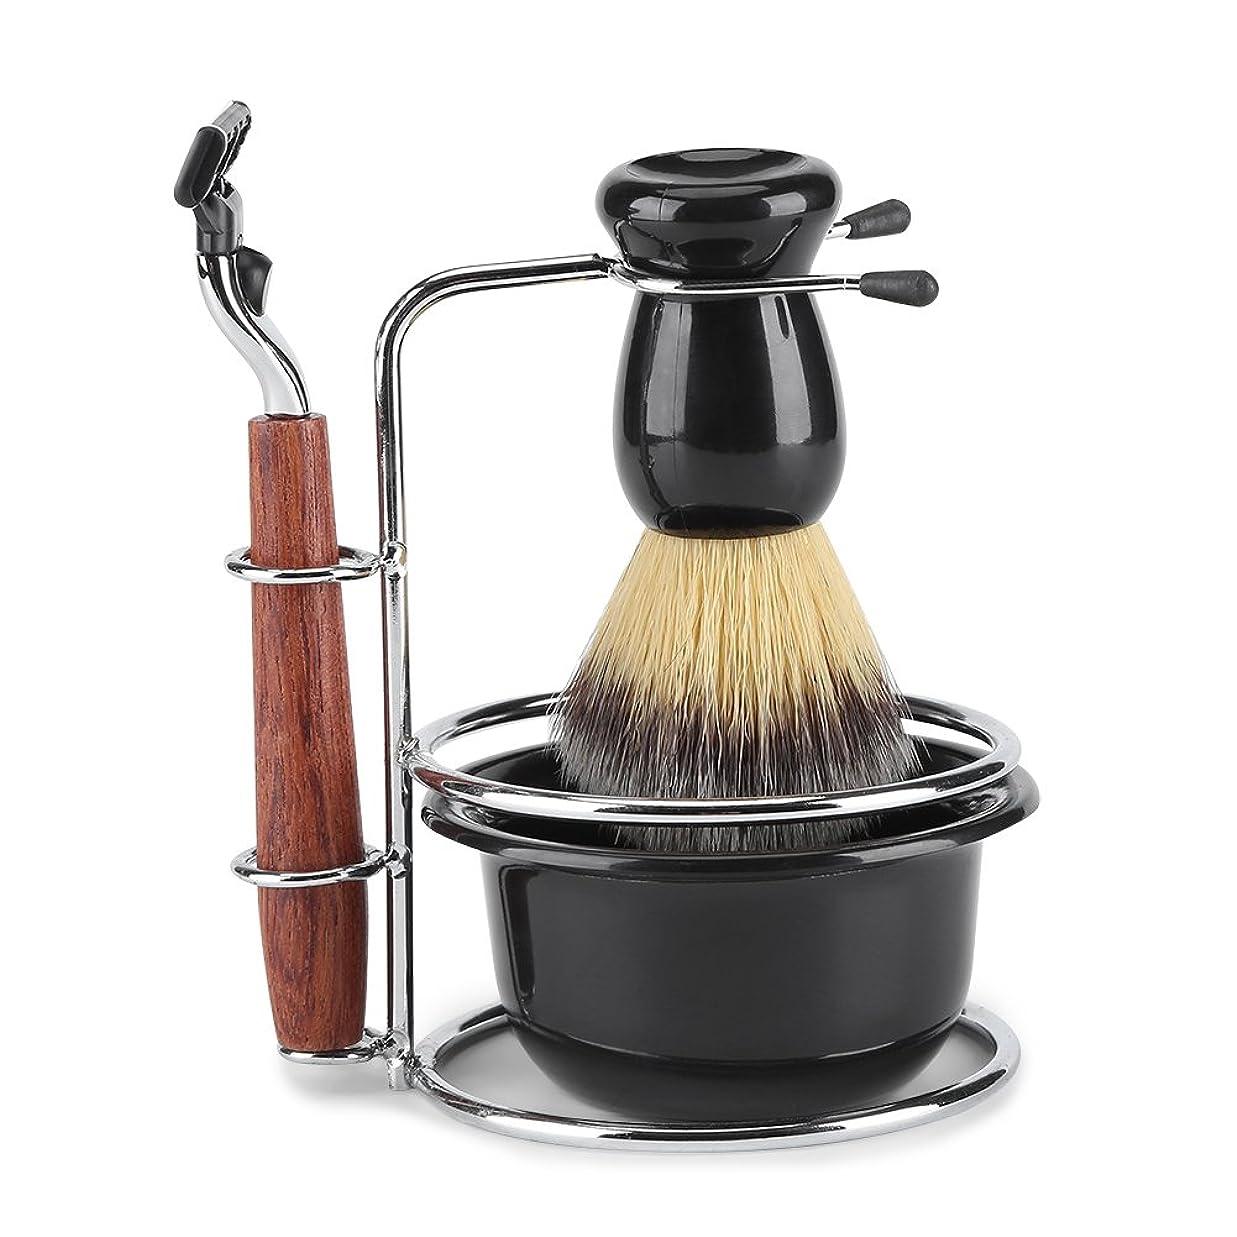 ジーンズきれいにぴかぴかシェービングキット 4-in-1 ひげ剃りツールセット マニュアルスタンドホルダー ウェットシェービングキット ステンレススチール